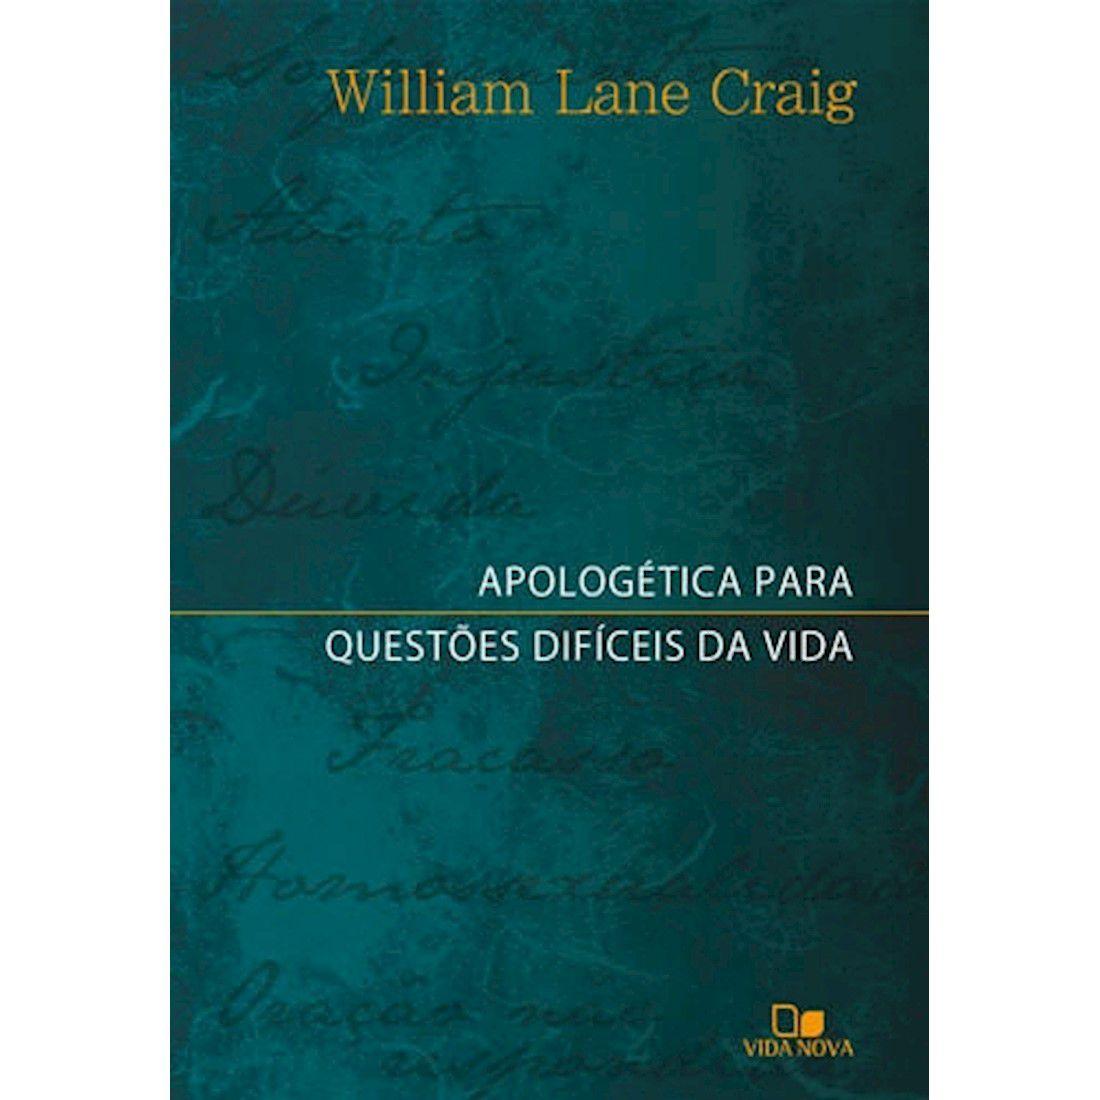 Livro Apologética para Questões Difíceis da Vida